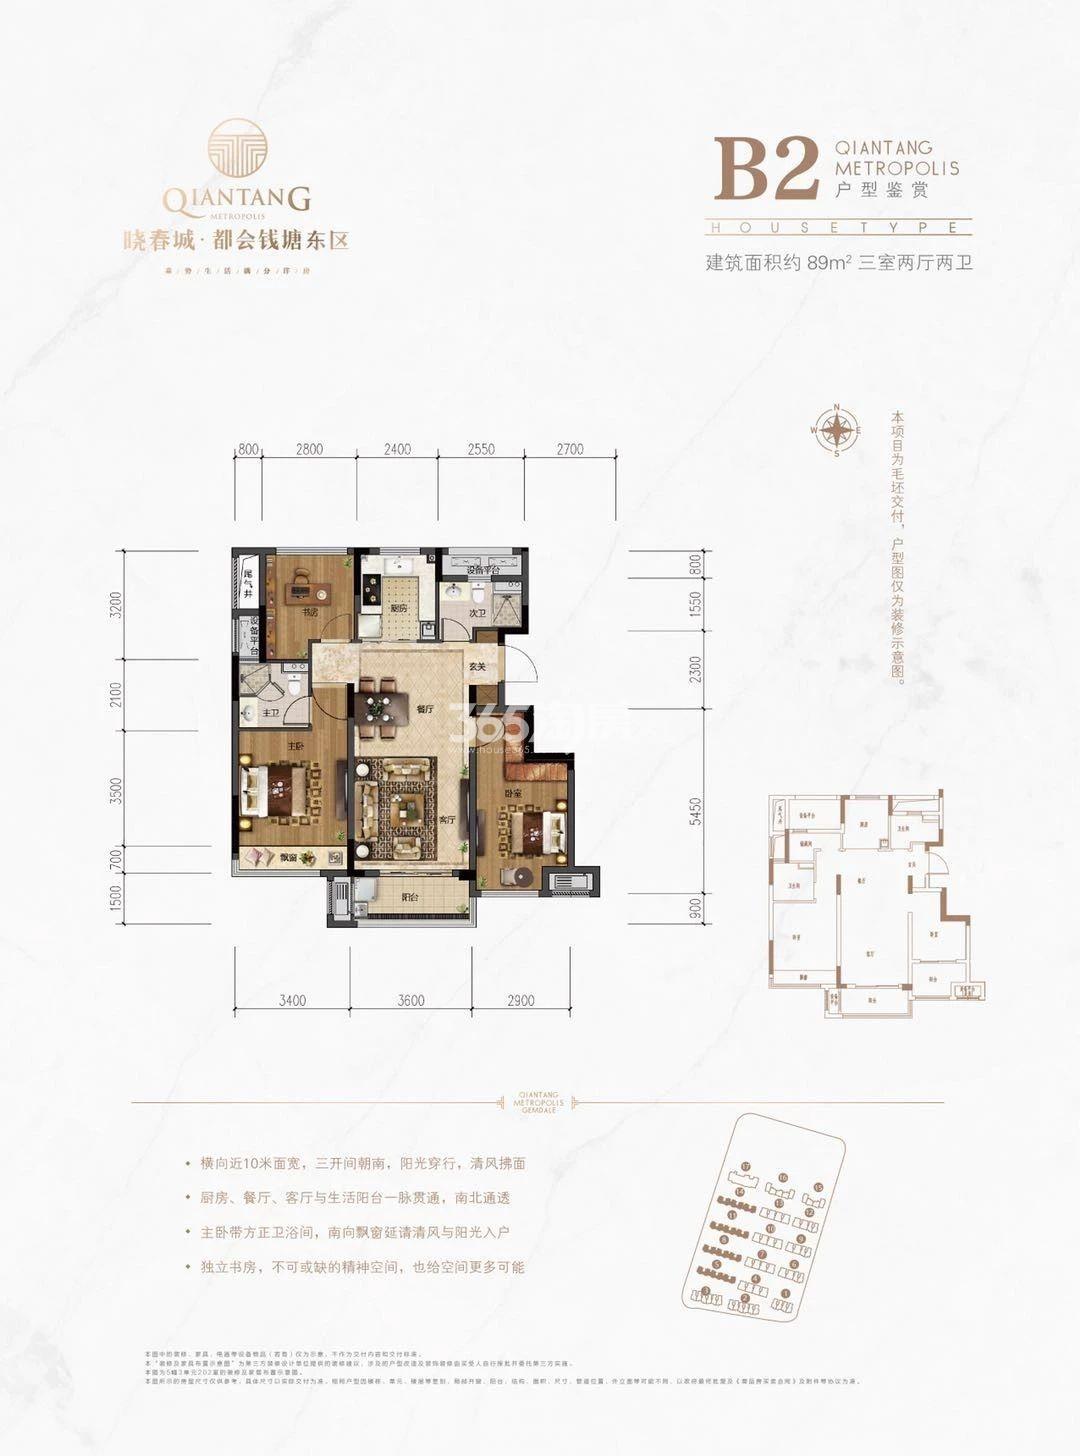 晓春城(都会钱塘东区)洋房B2户型约89㎡(5#8#11#14#)